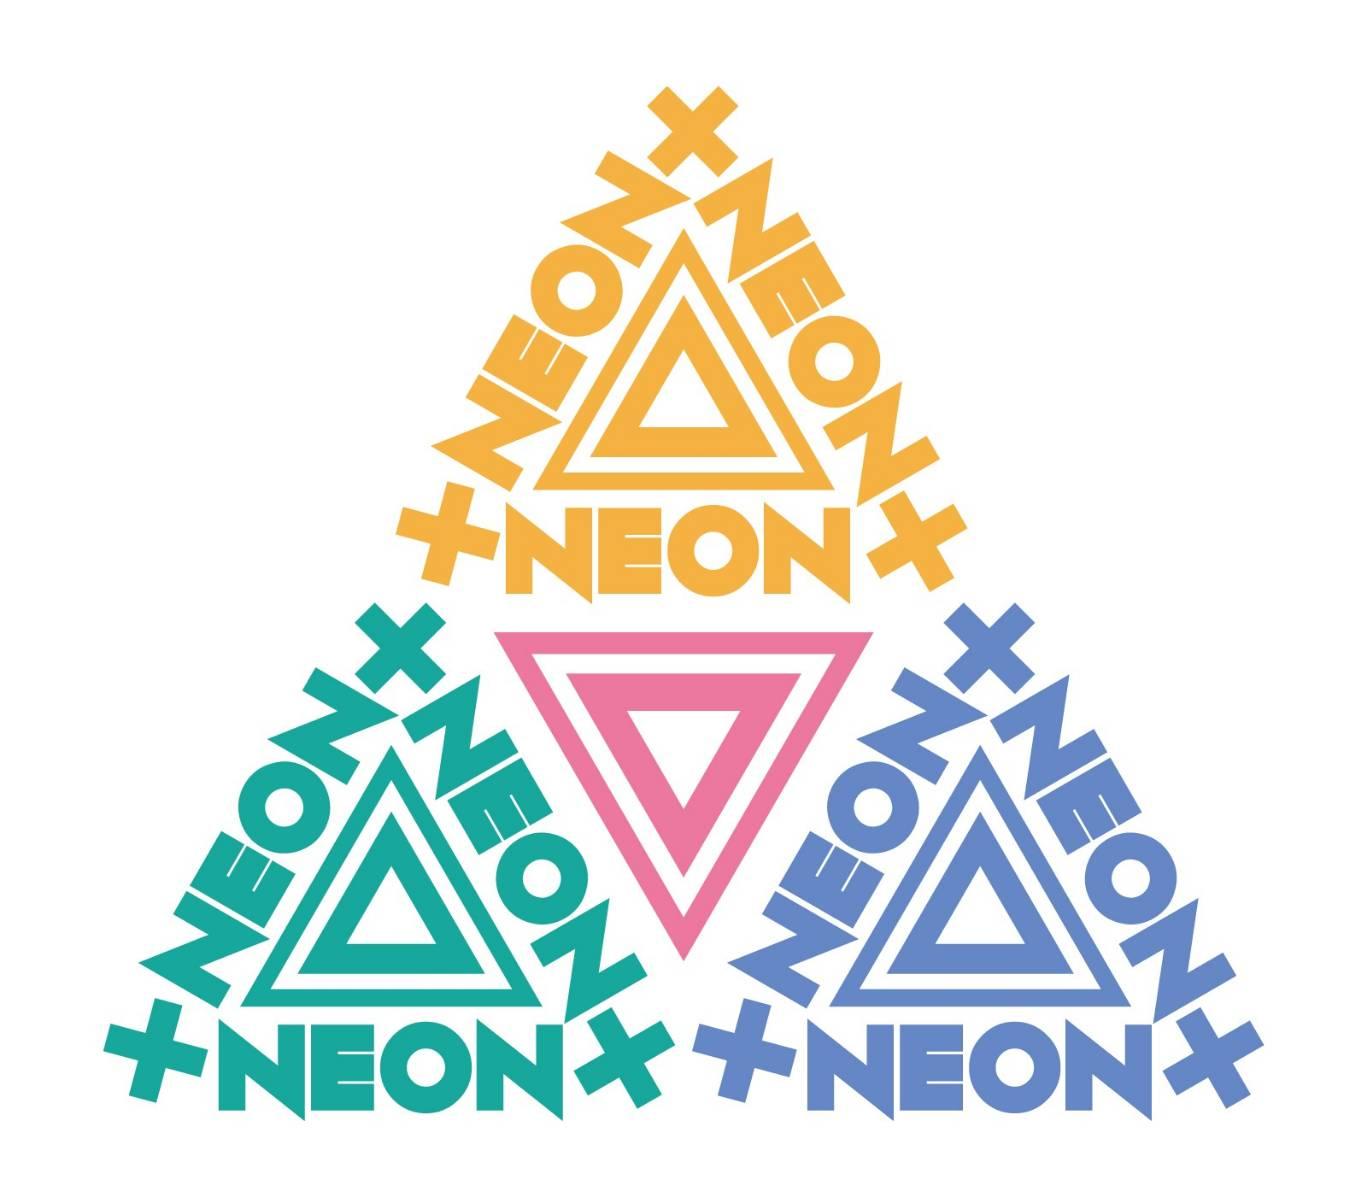 2018年8月14日(火)・15日(水)・16日(木) 「NEON×NEON×NEON in NAGOYA」